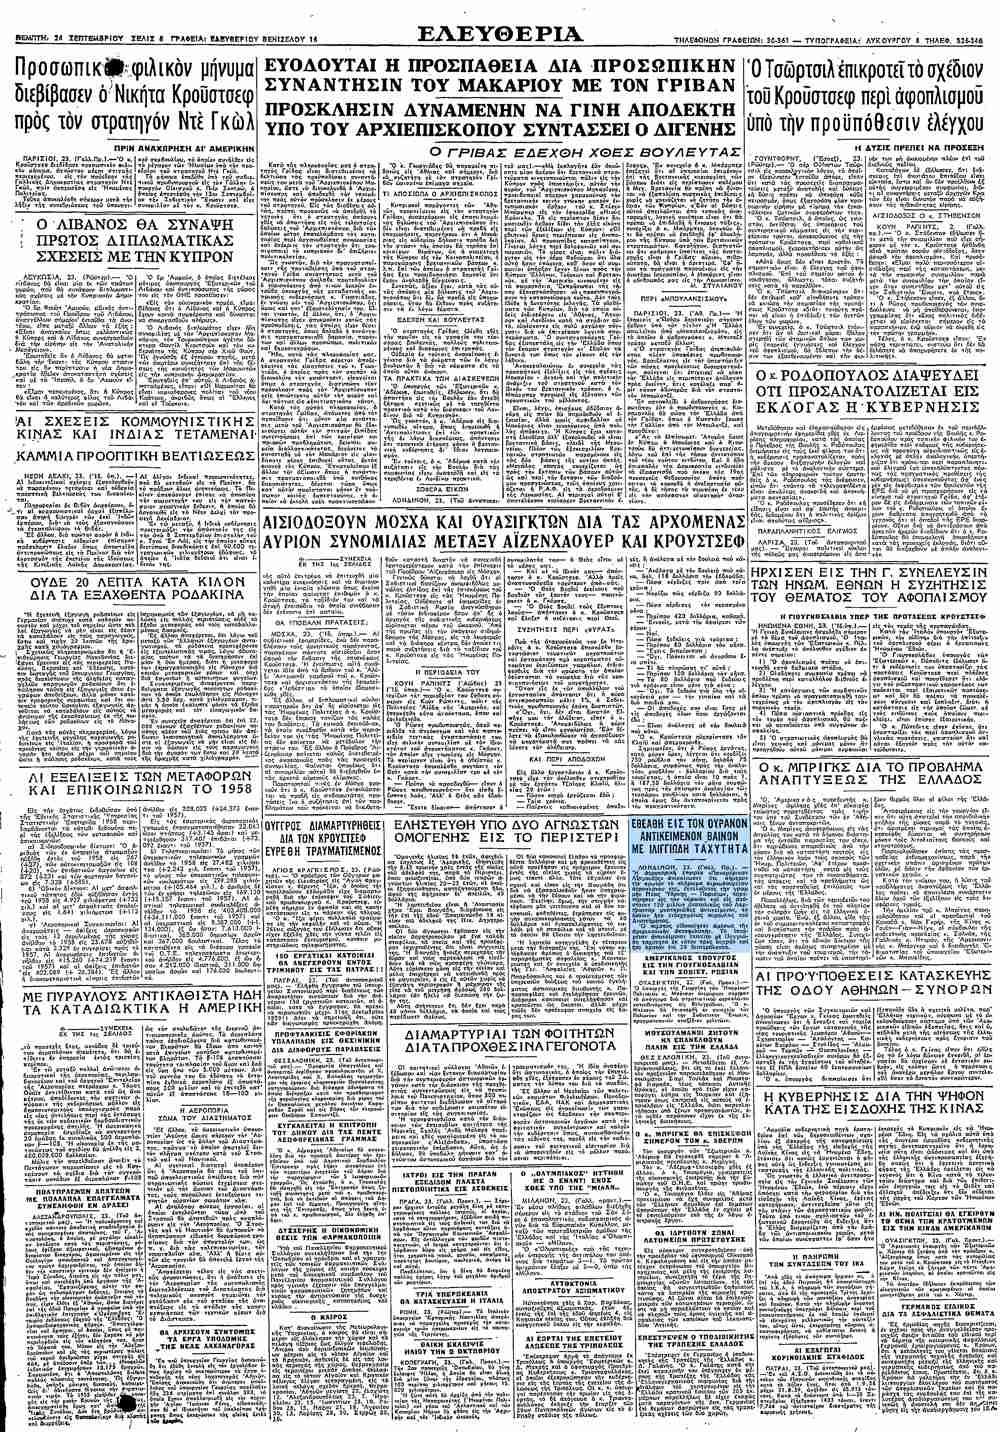 """Το άρθρο, όπως δημοσιεύθηκε στην εφημερίδα """"ΕΛΕΥΘΕΡΙΑ"""", στις 24/09/1959"""